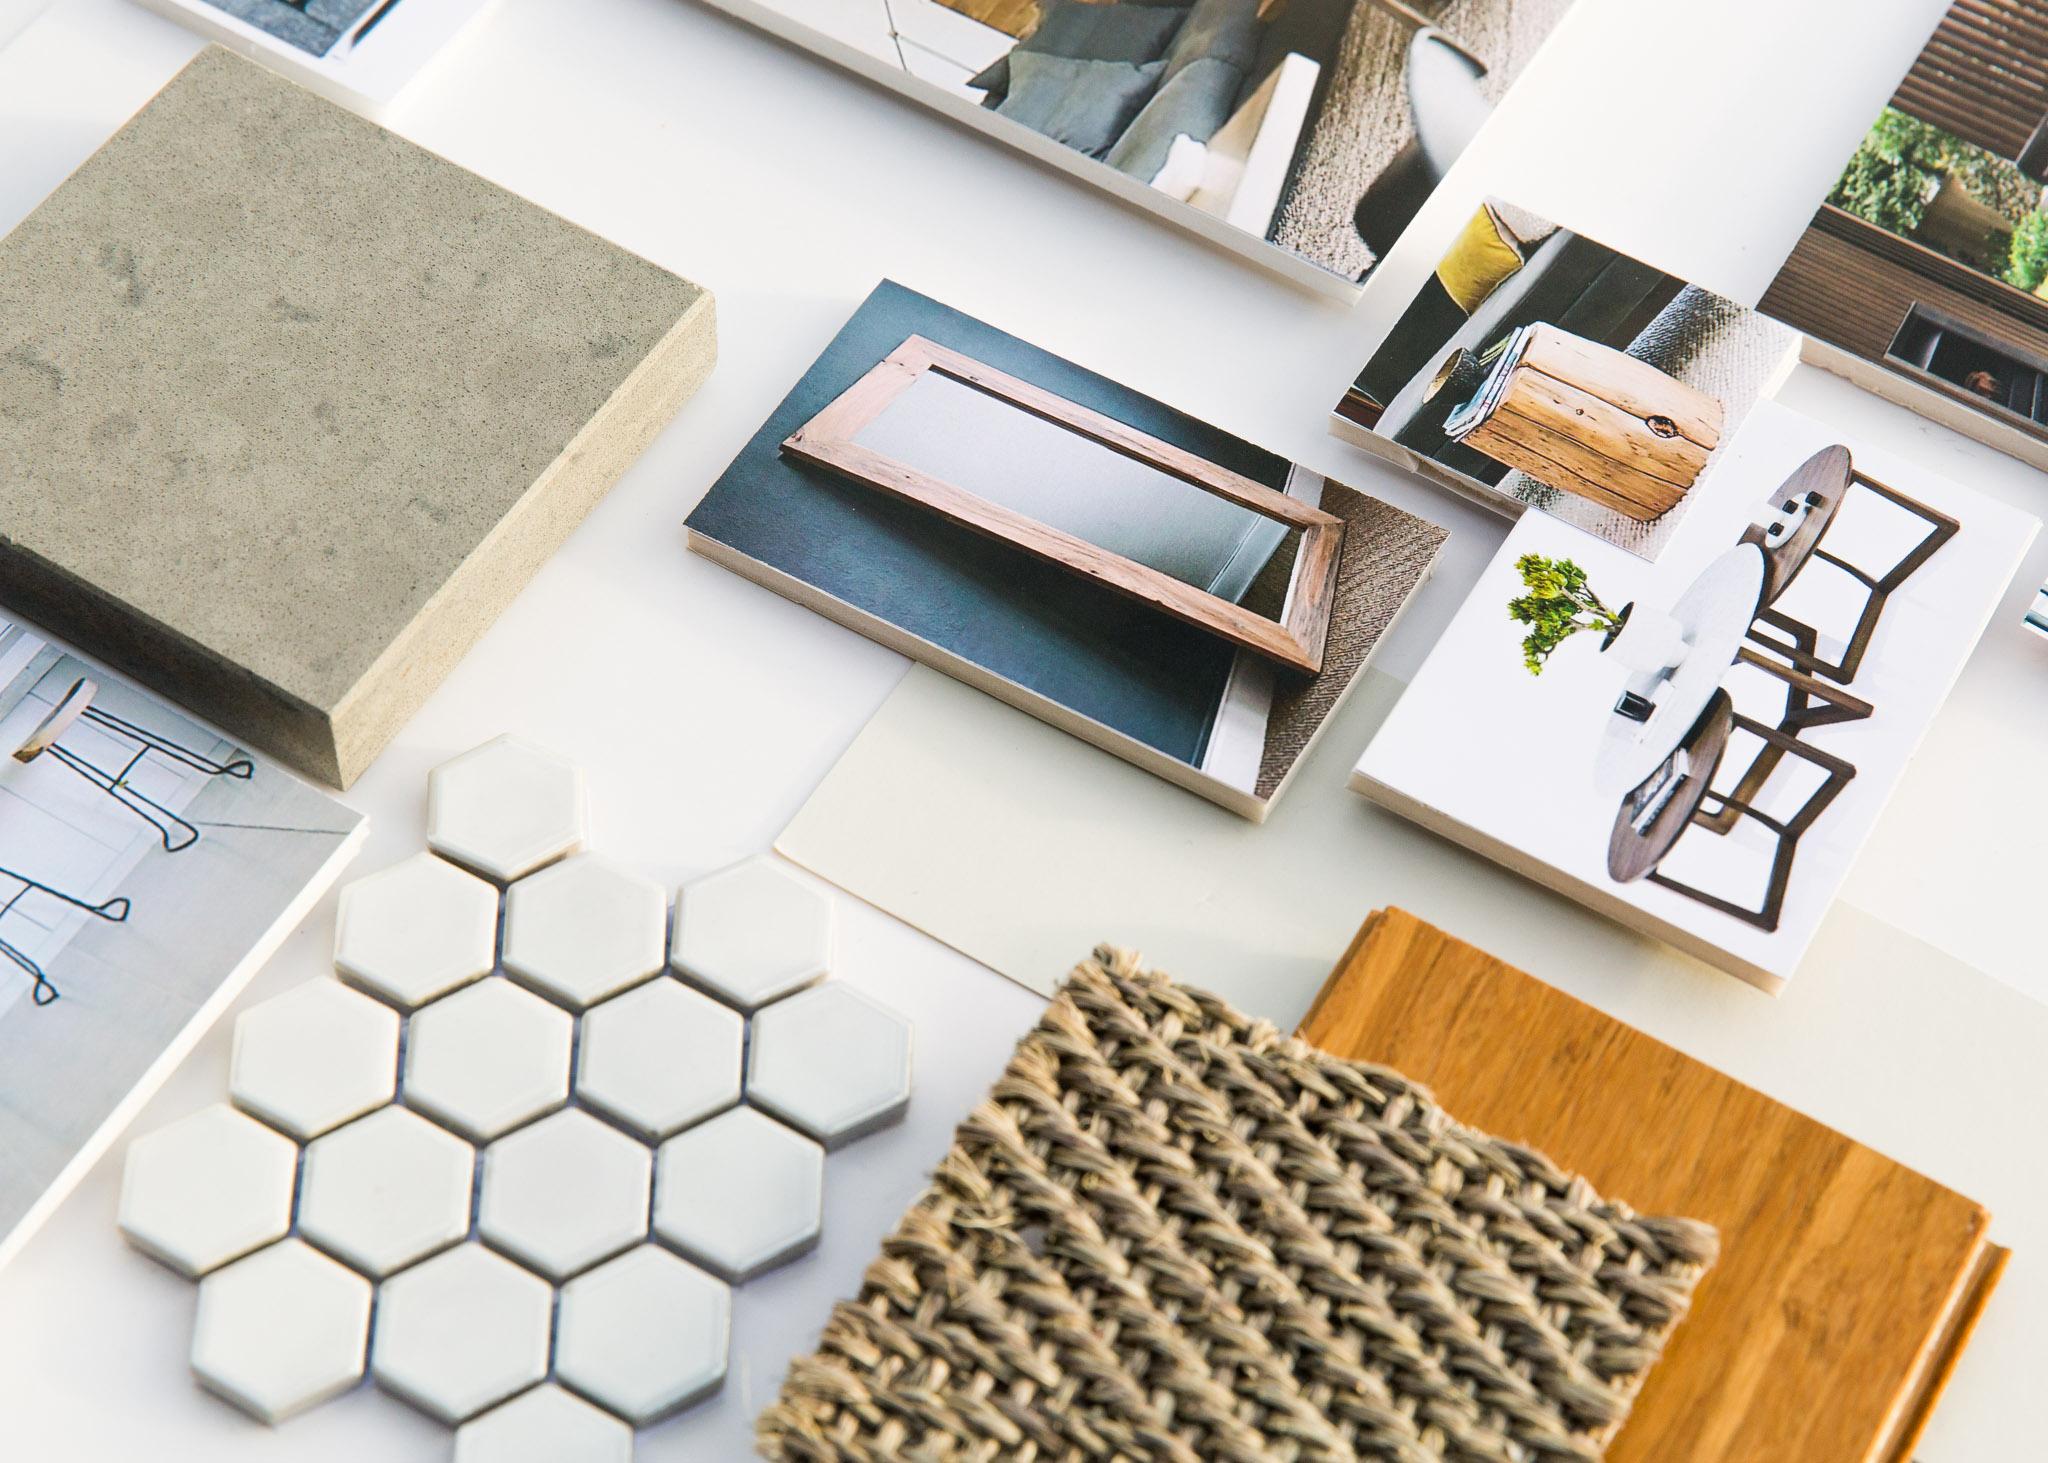 Arquitetura E Design De Interiores Qual A Melhor Faculdade Decor Home Organizer